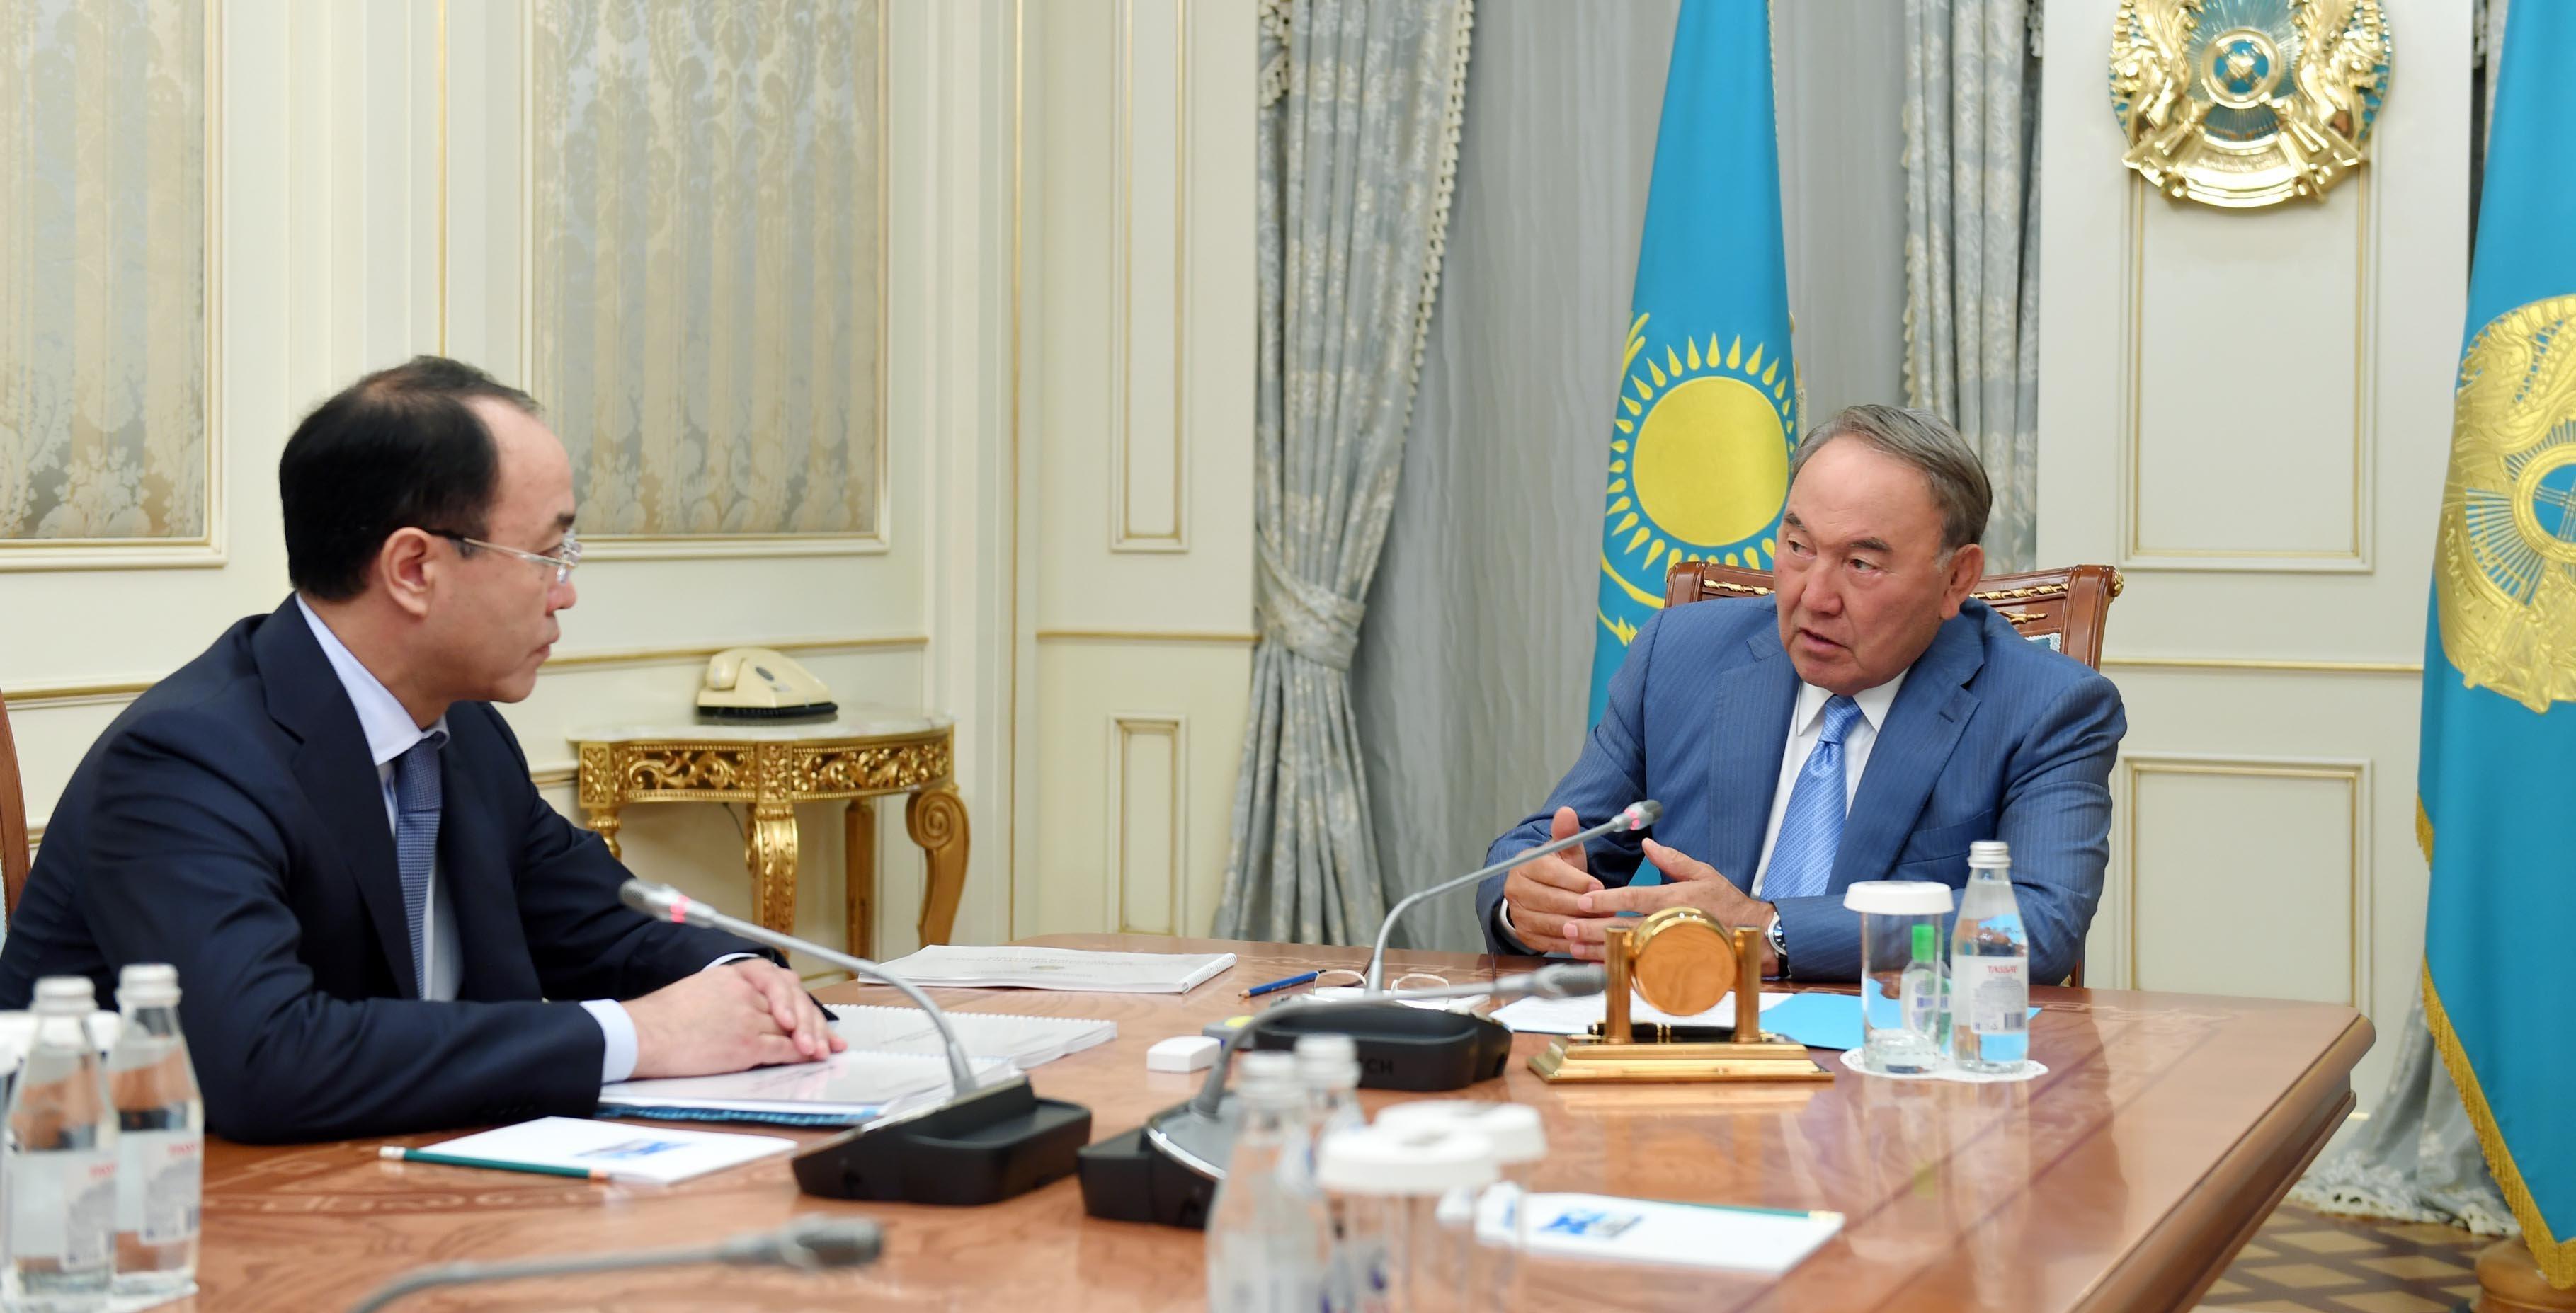 Президент Казахстана Нурсултан Назарбаев встретился с генеральным прокурором Кайратом Кожамжаровым